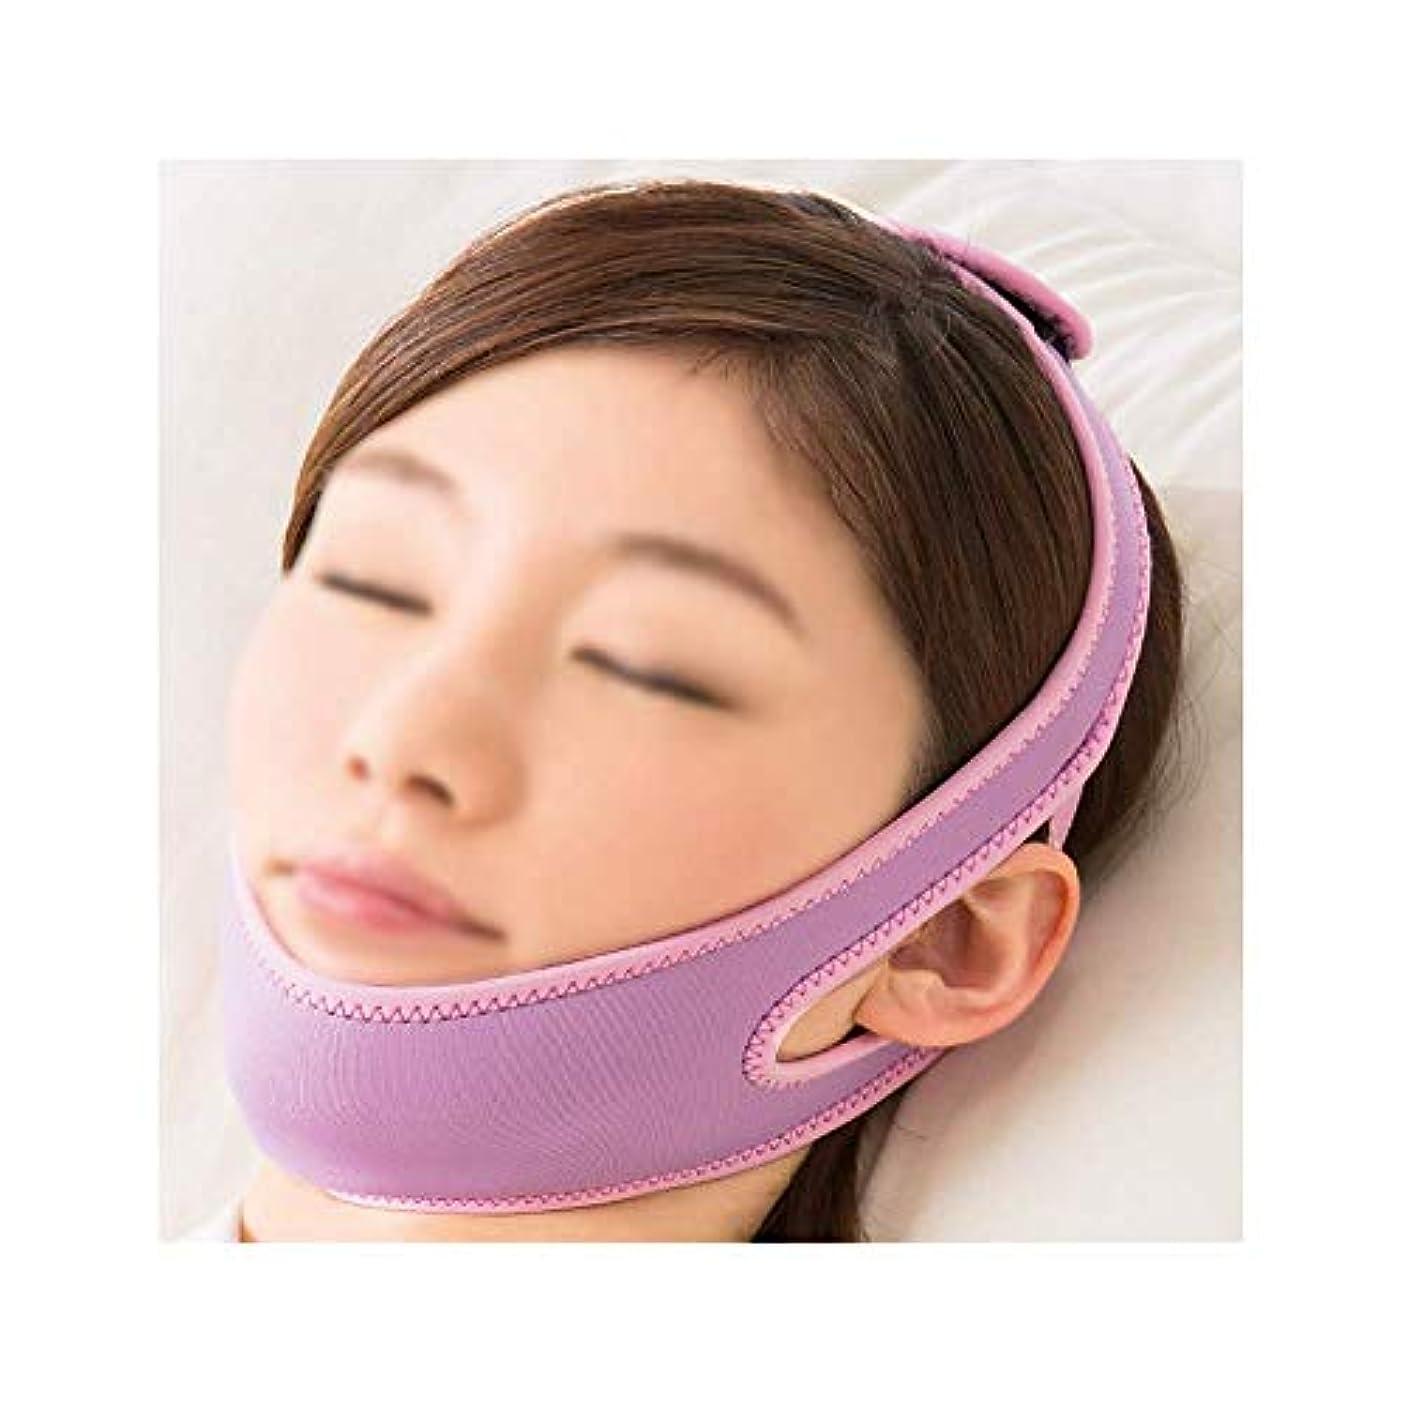 首尾一貫した表面的なワイプフェイシャルマスク、フェイスリフティングアーティファクトフェイスマスク垂れ下がり面付きVフェイス包帯通気性スリーピングフェイスダブルチンチンセット睡眠弾性スリムベルト